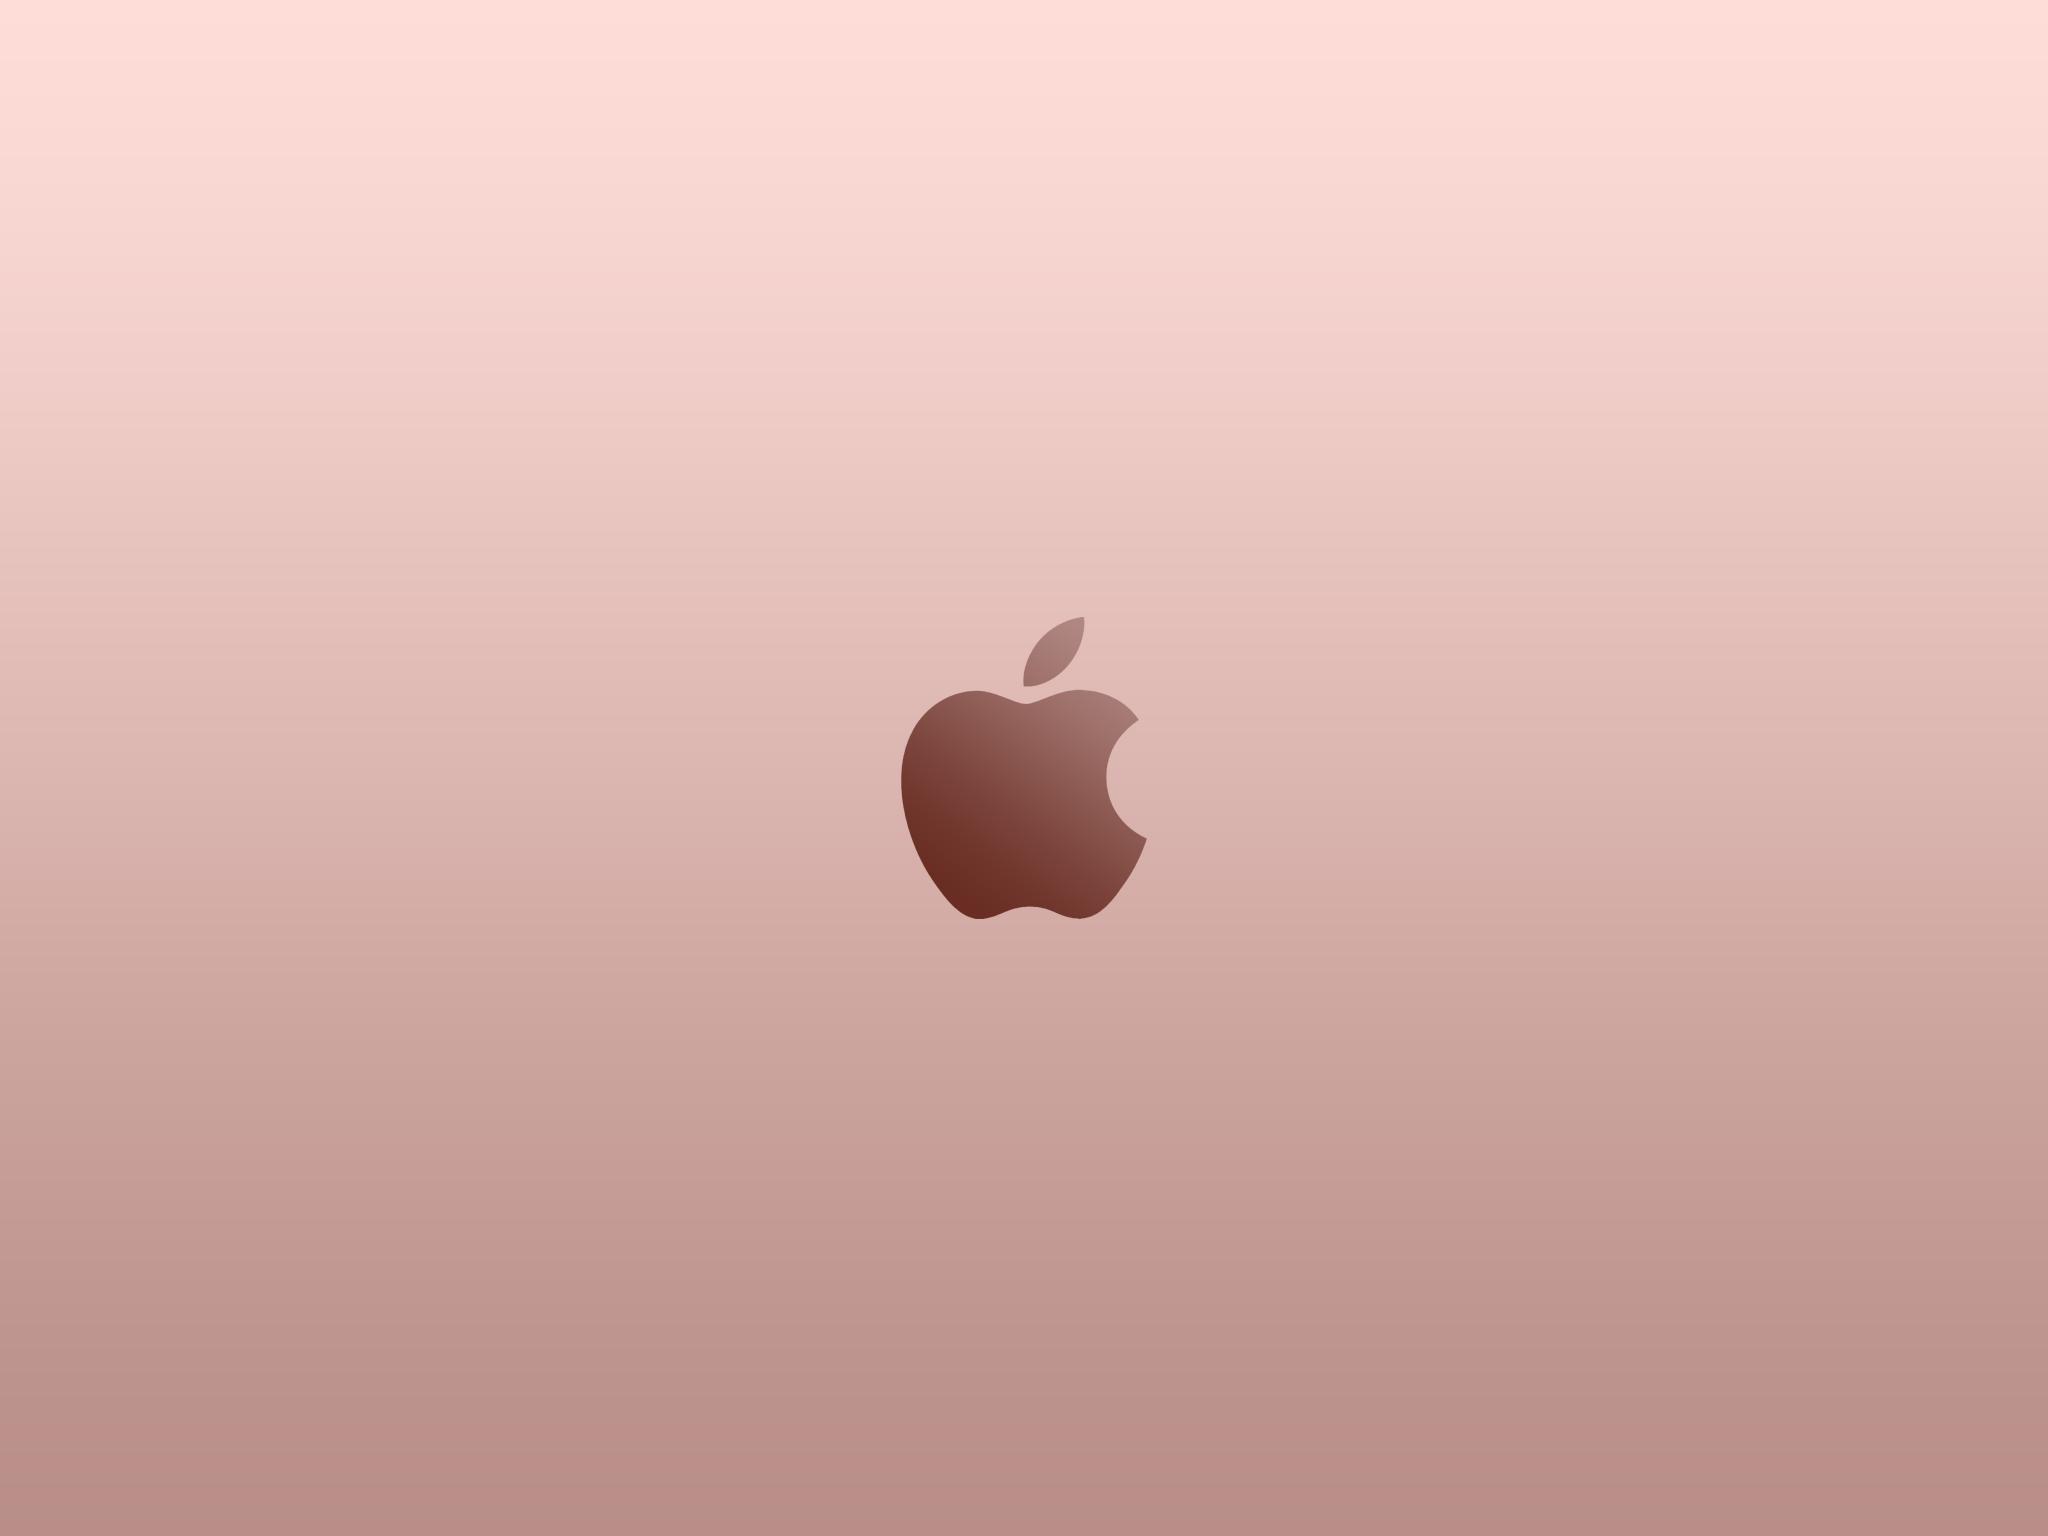 Apple Logo Rose Gold Wallpaper